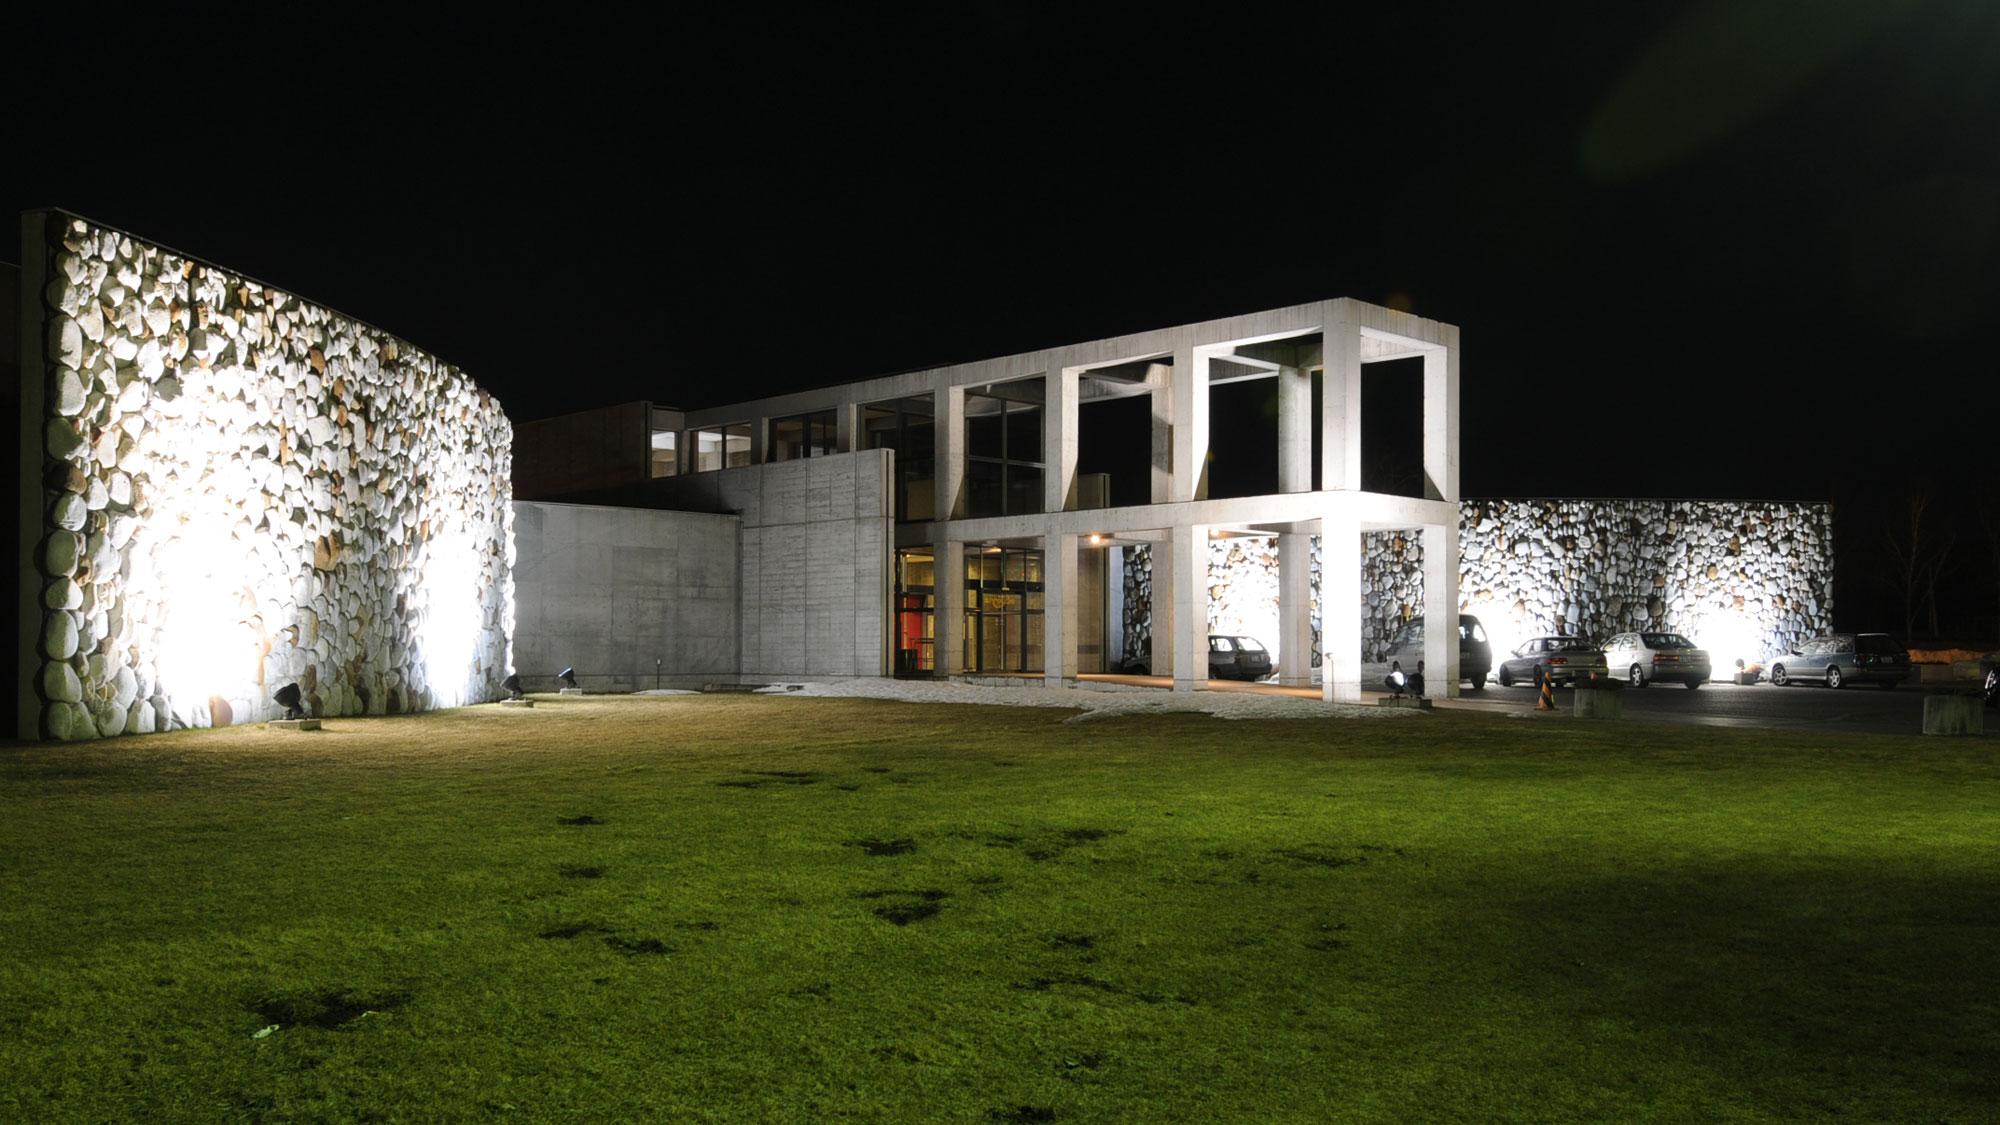 十勝ナウマン温泉 HOTEL arco image